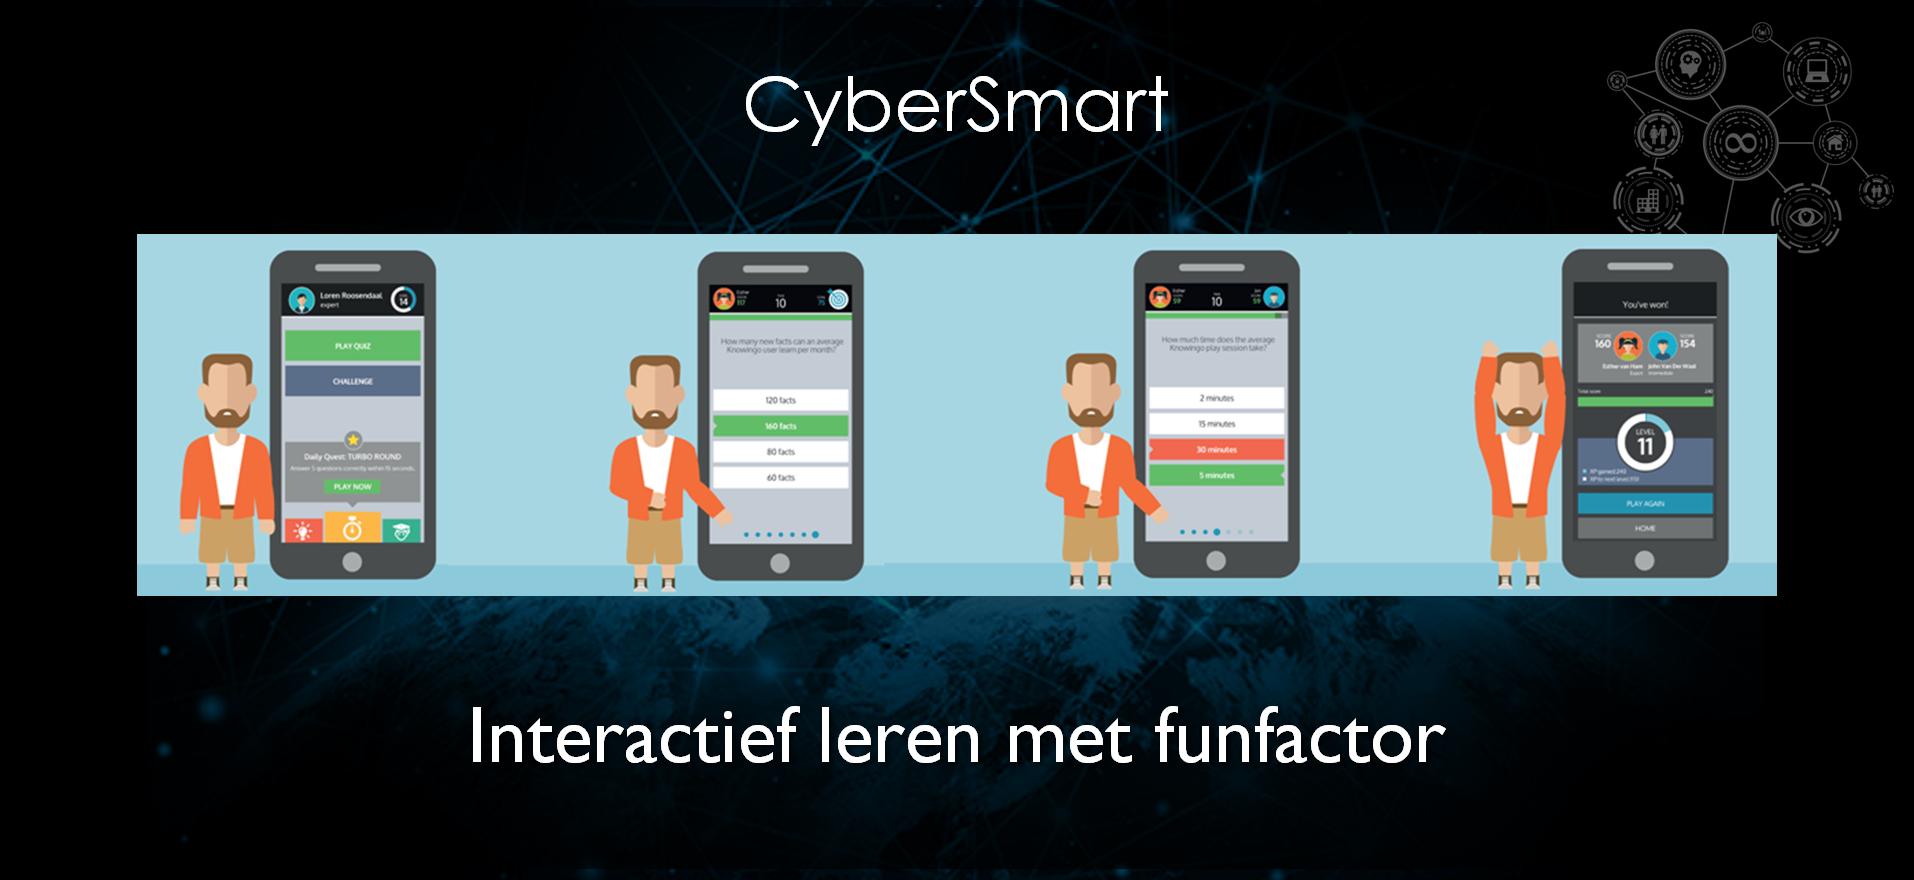 NNextSecure CyberSmart